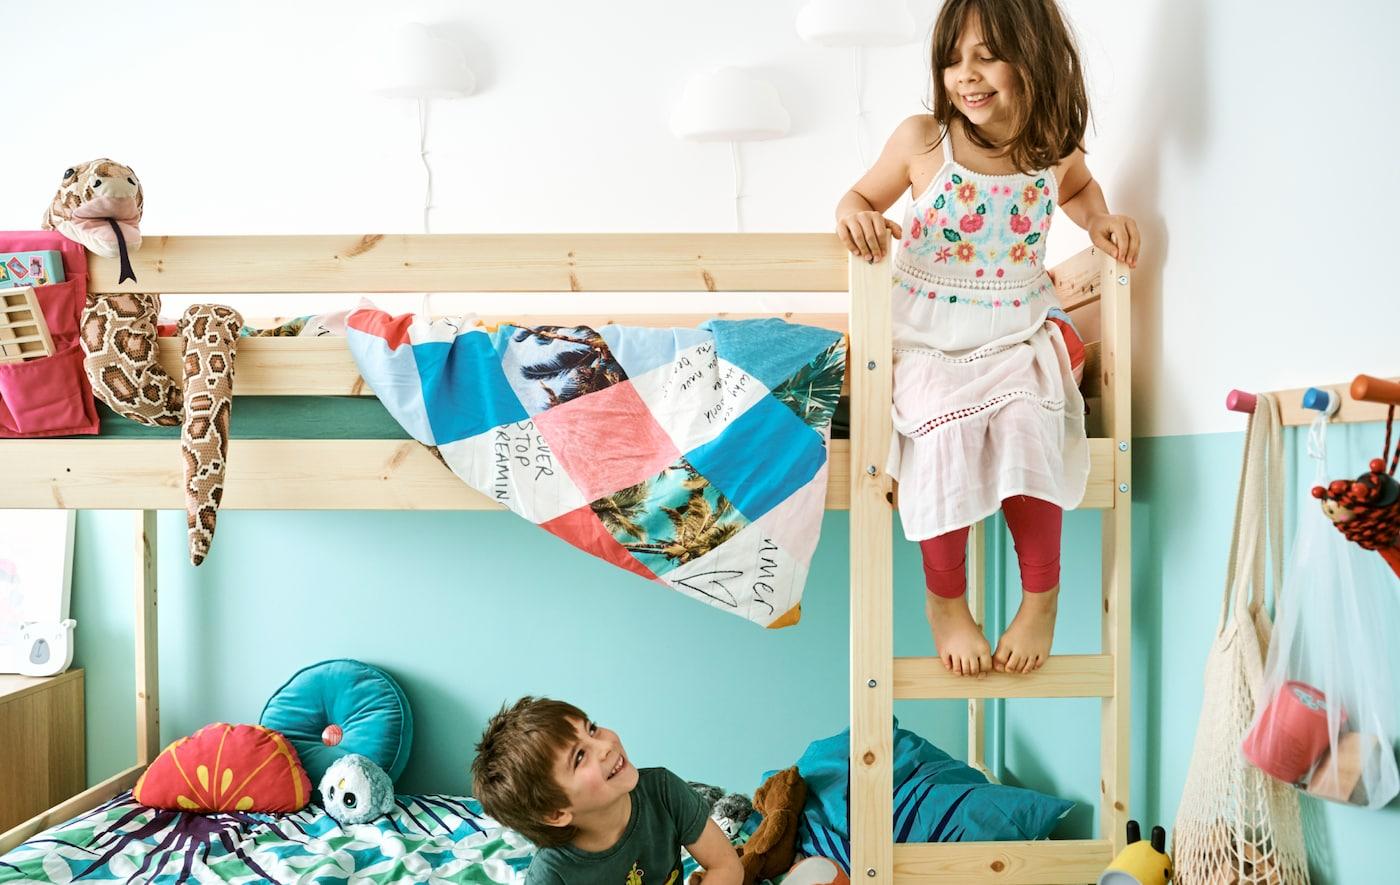 Într-o cameră de copii, un băiat stă în patul de jos al unui pat supraetajat și se uită în sus la sora lui, care stă pe scara patului.